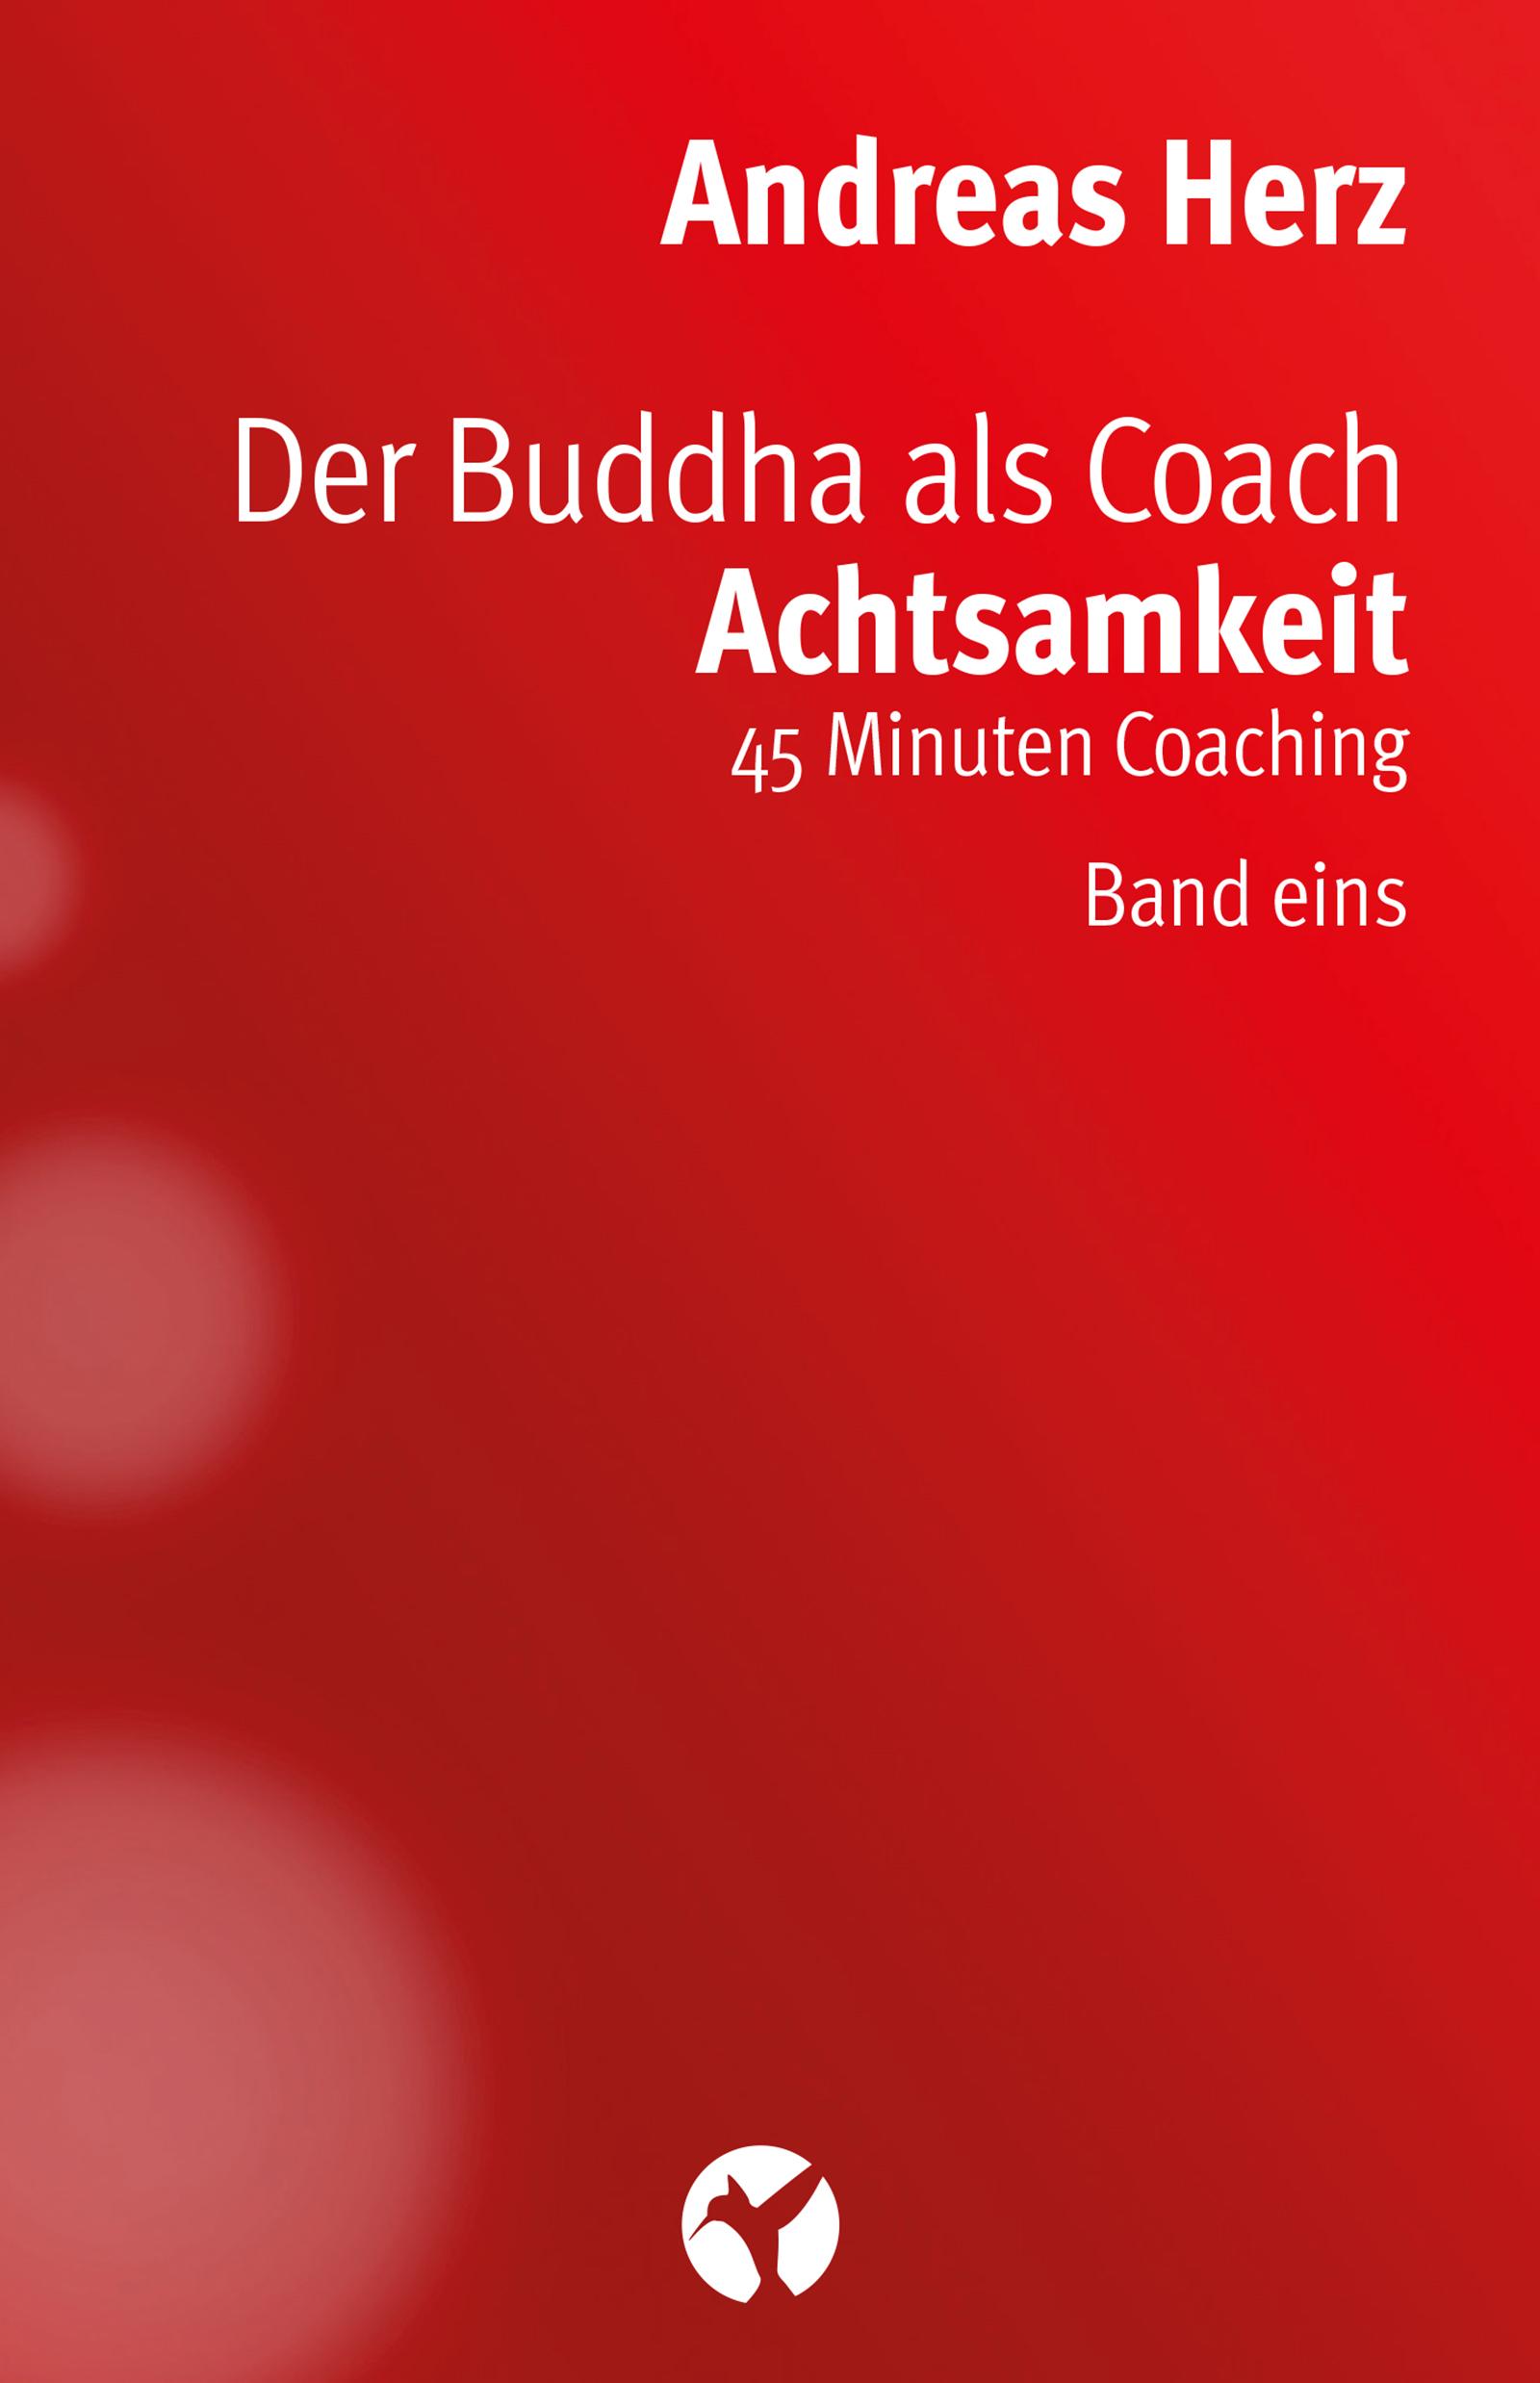 Expert Marketplace -  Andreas Herz  -  Der Buddha als Coach Resilienz 3.0